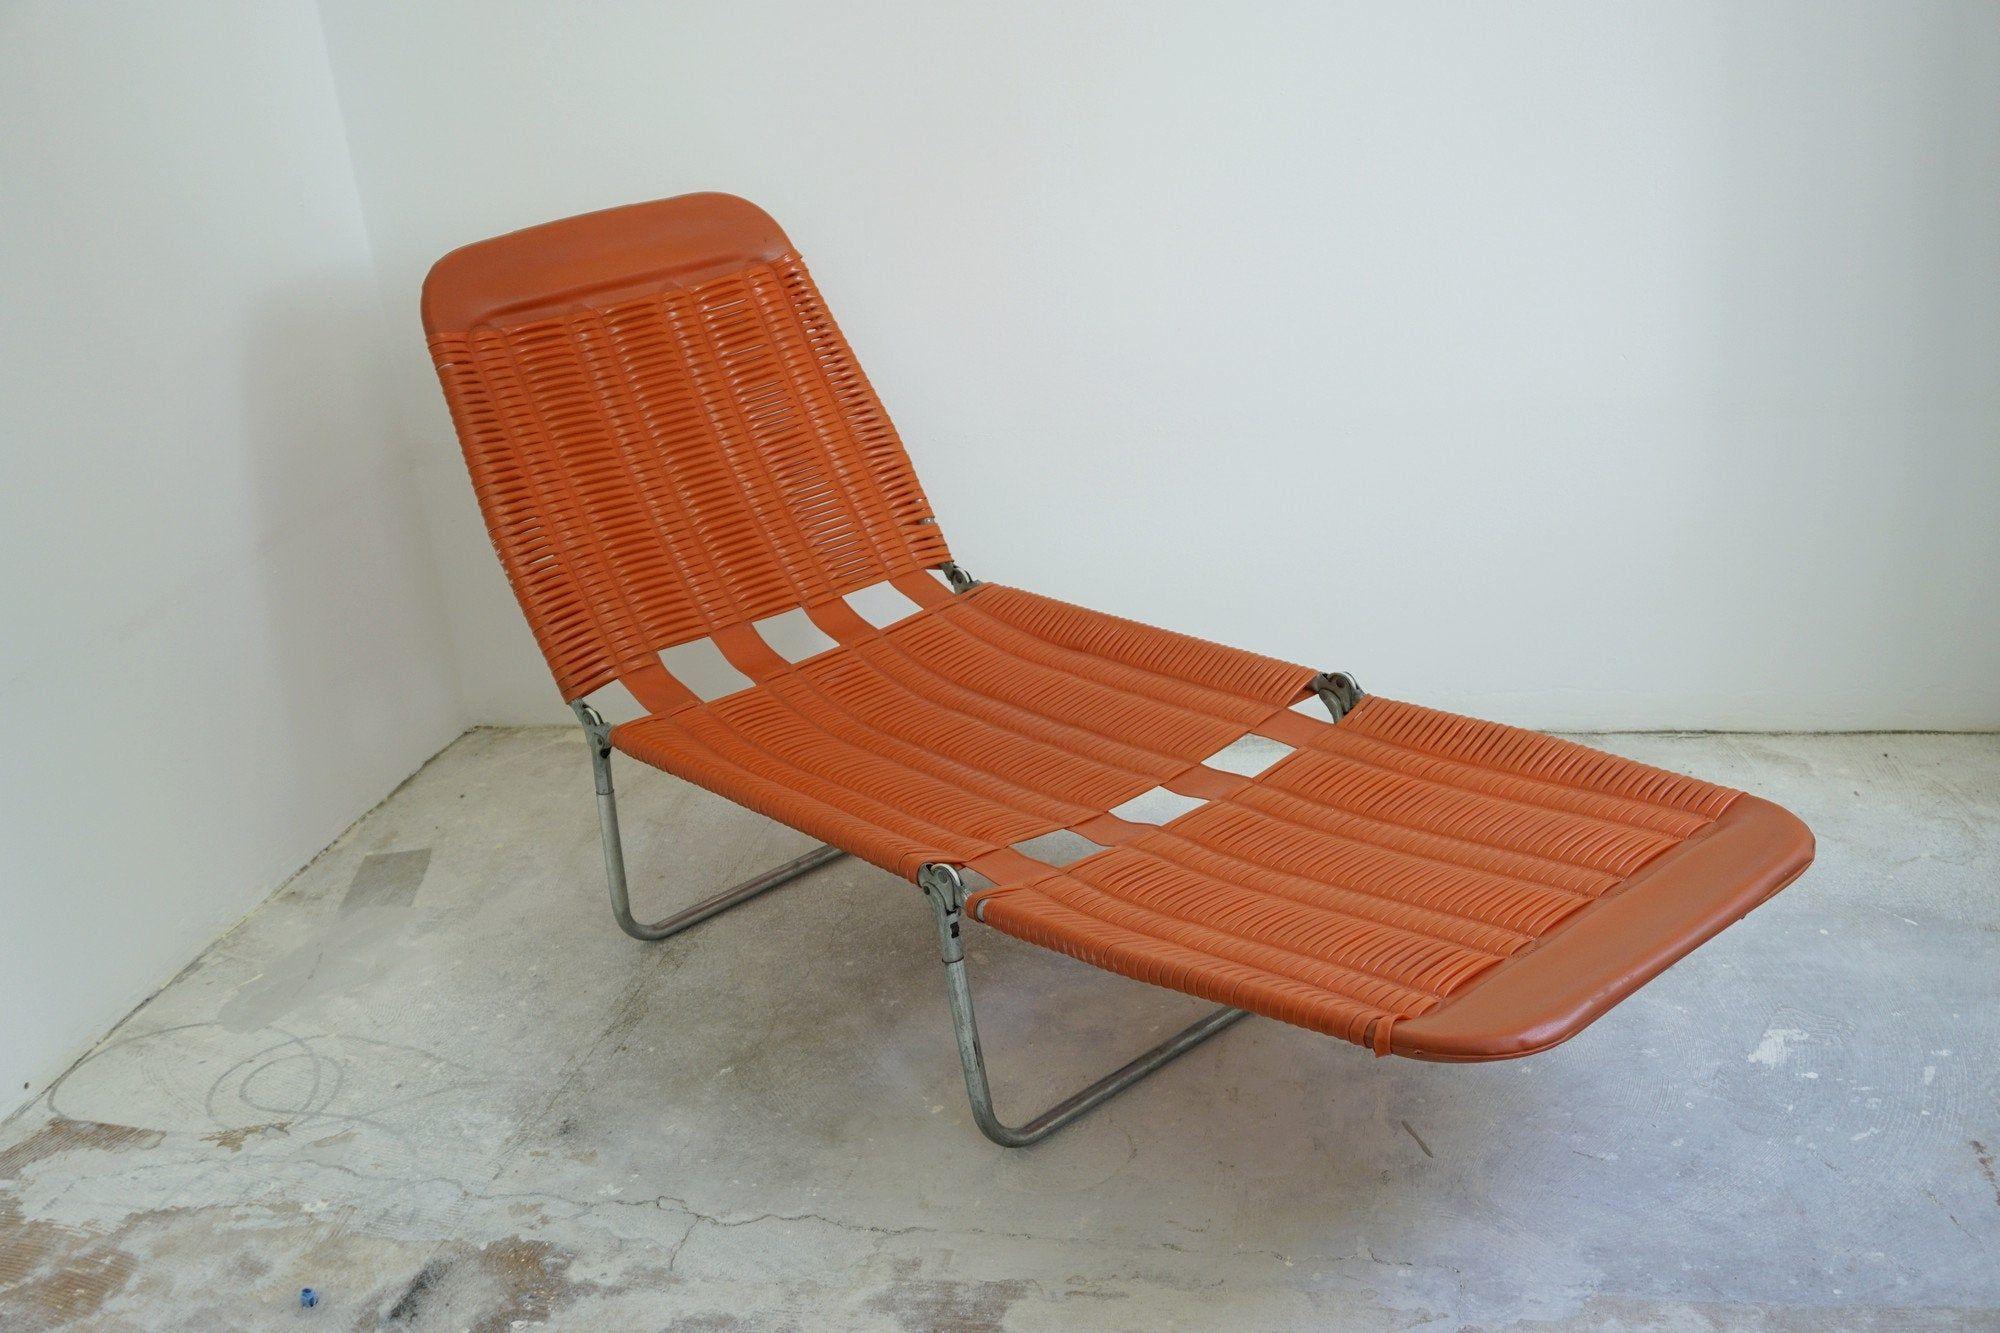 Reduced Deckchairs Wooden Deck Chairs In 2020 Wooden Decks